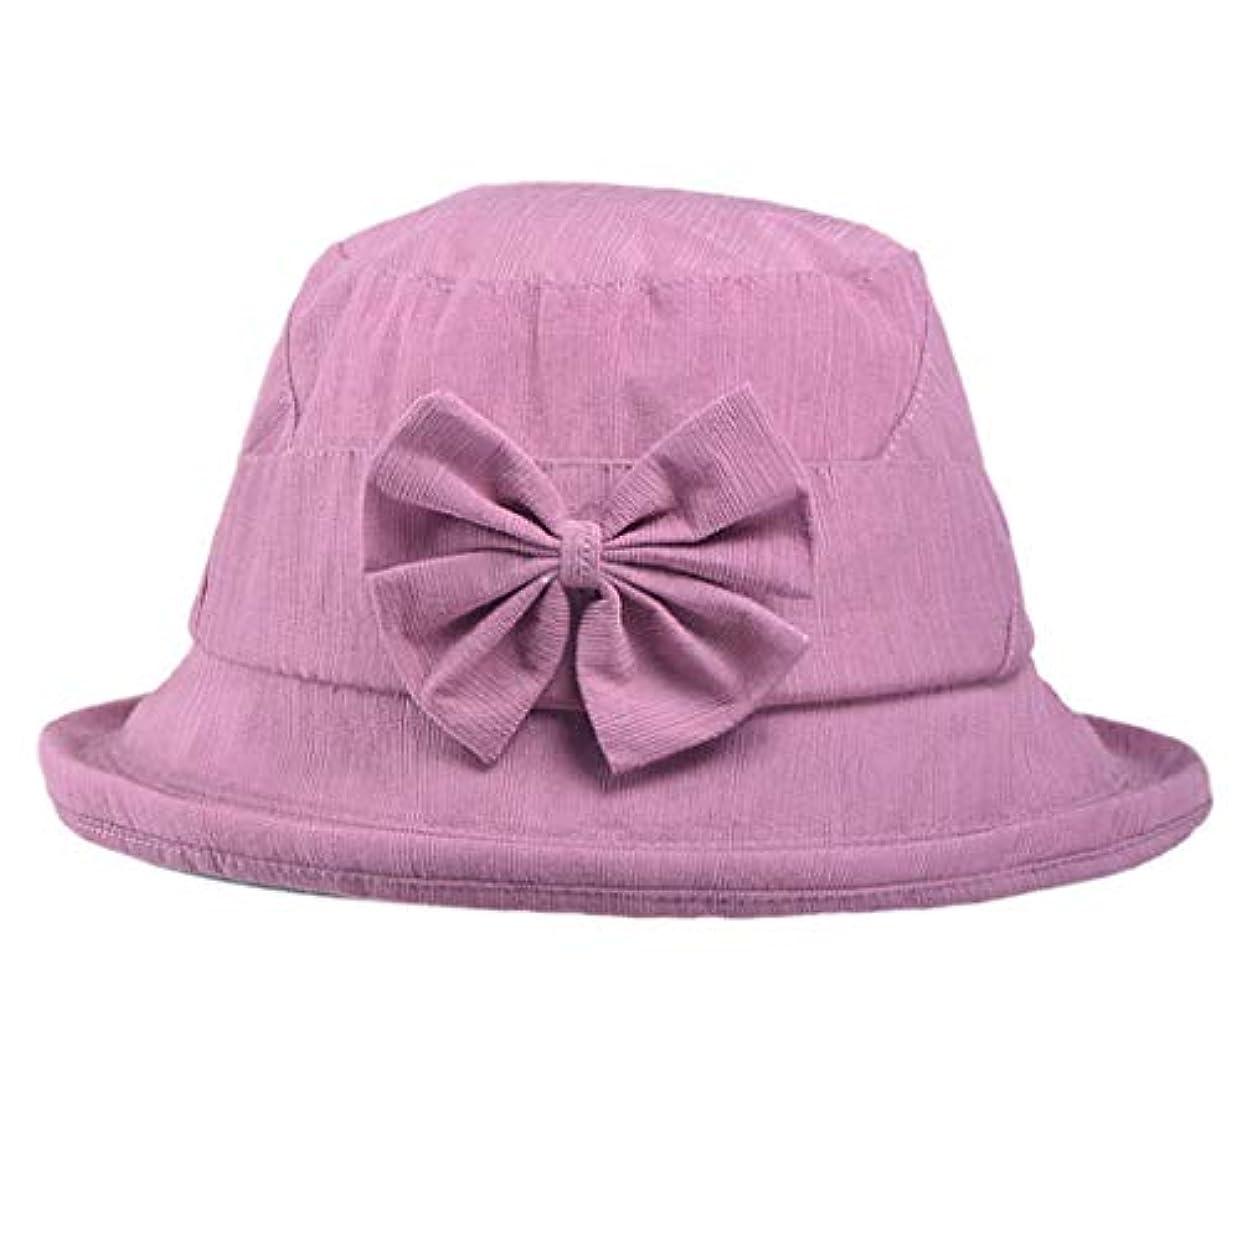 合併症味わう愛国的なファッション小物 夏 帽子 レディース UVカット 帽子 アウトドア 夏 春 UVカット 帽子 蝶結び 漁師帽 日焼け防止 つば広 無地 ハット レディース 女性 紫外線対策 大きいサイズ 夏季 ビーチ ROSE ROMAN